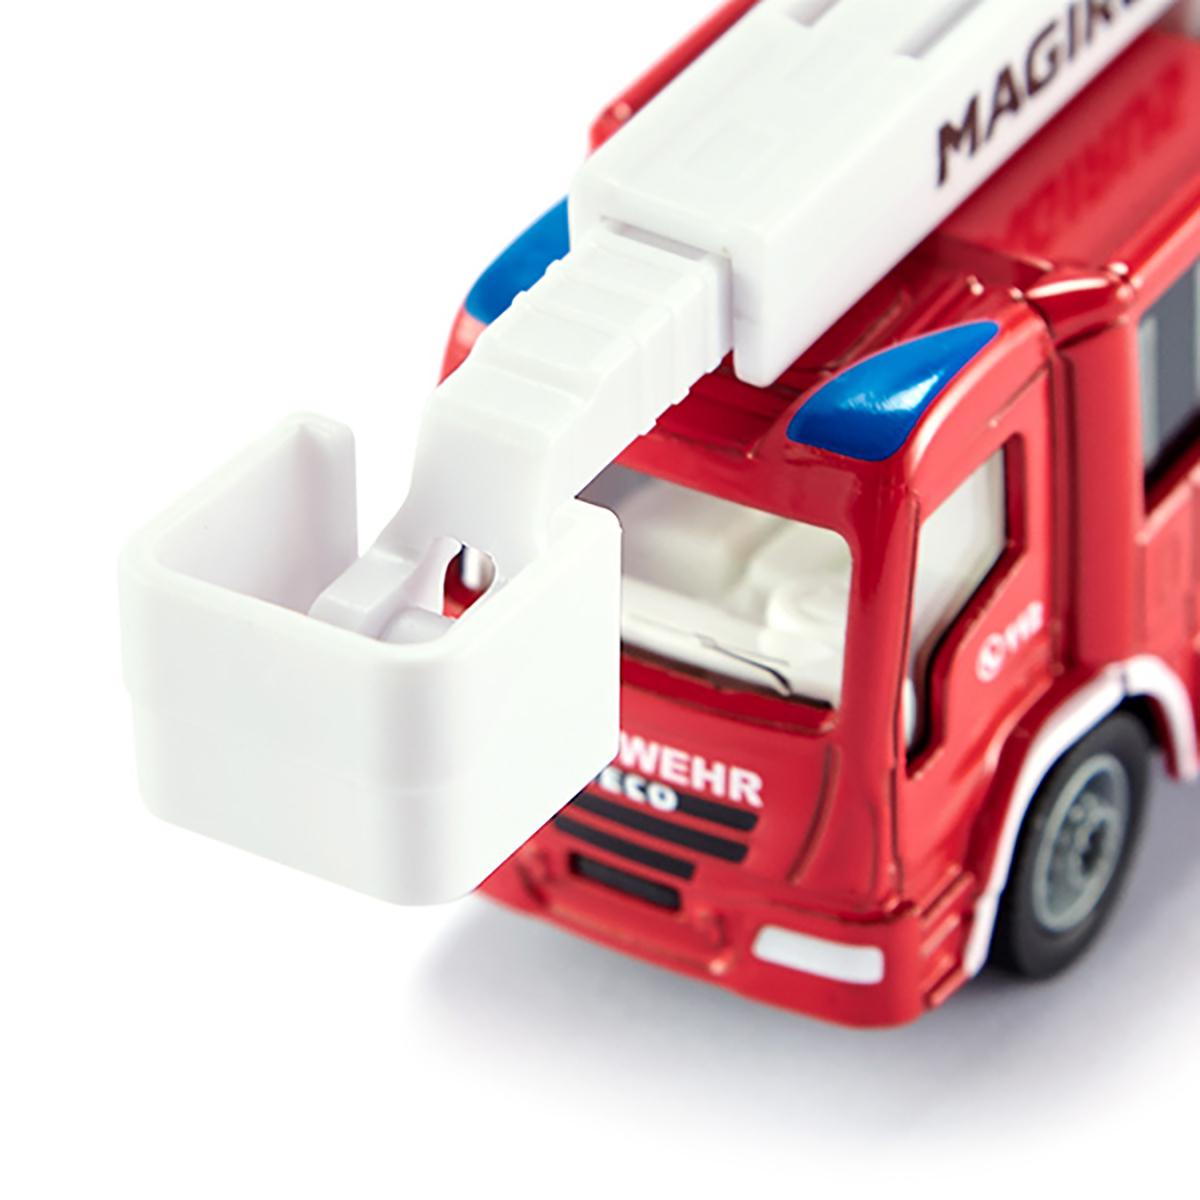 マギルス はしご付き消防車(ジク・SIKU)